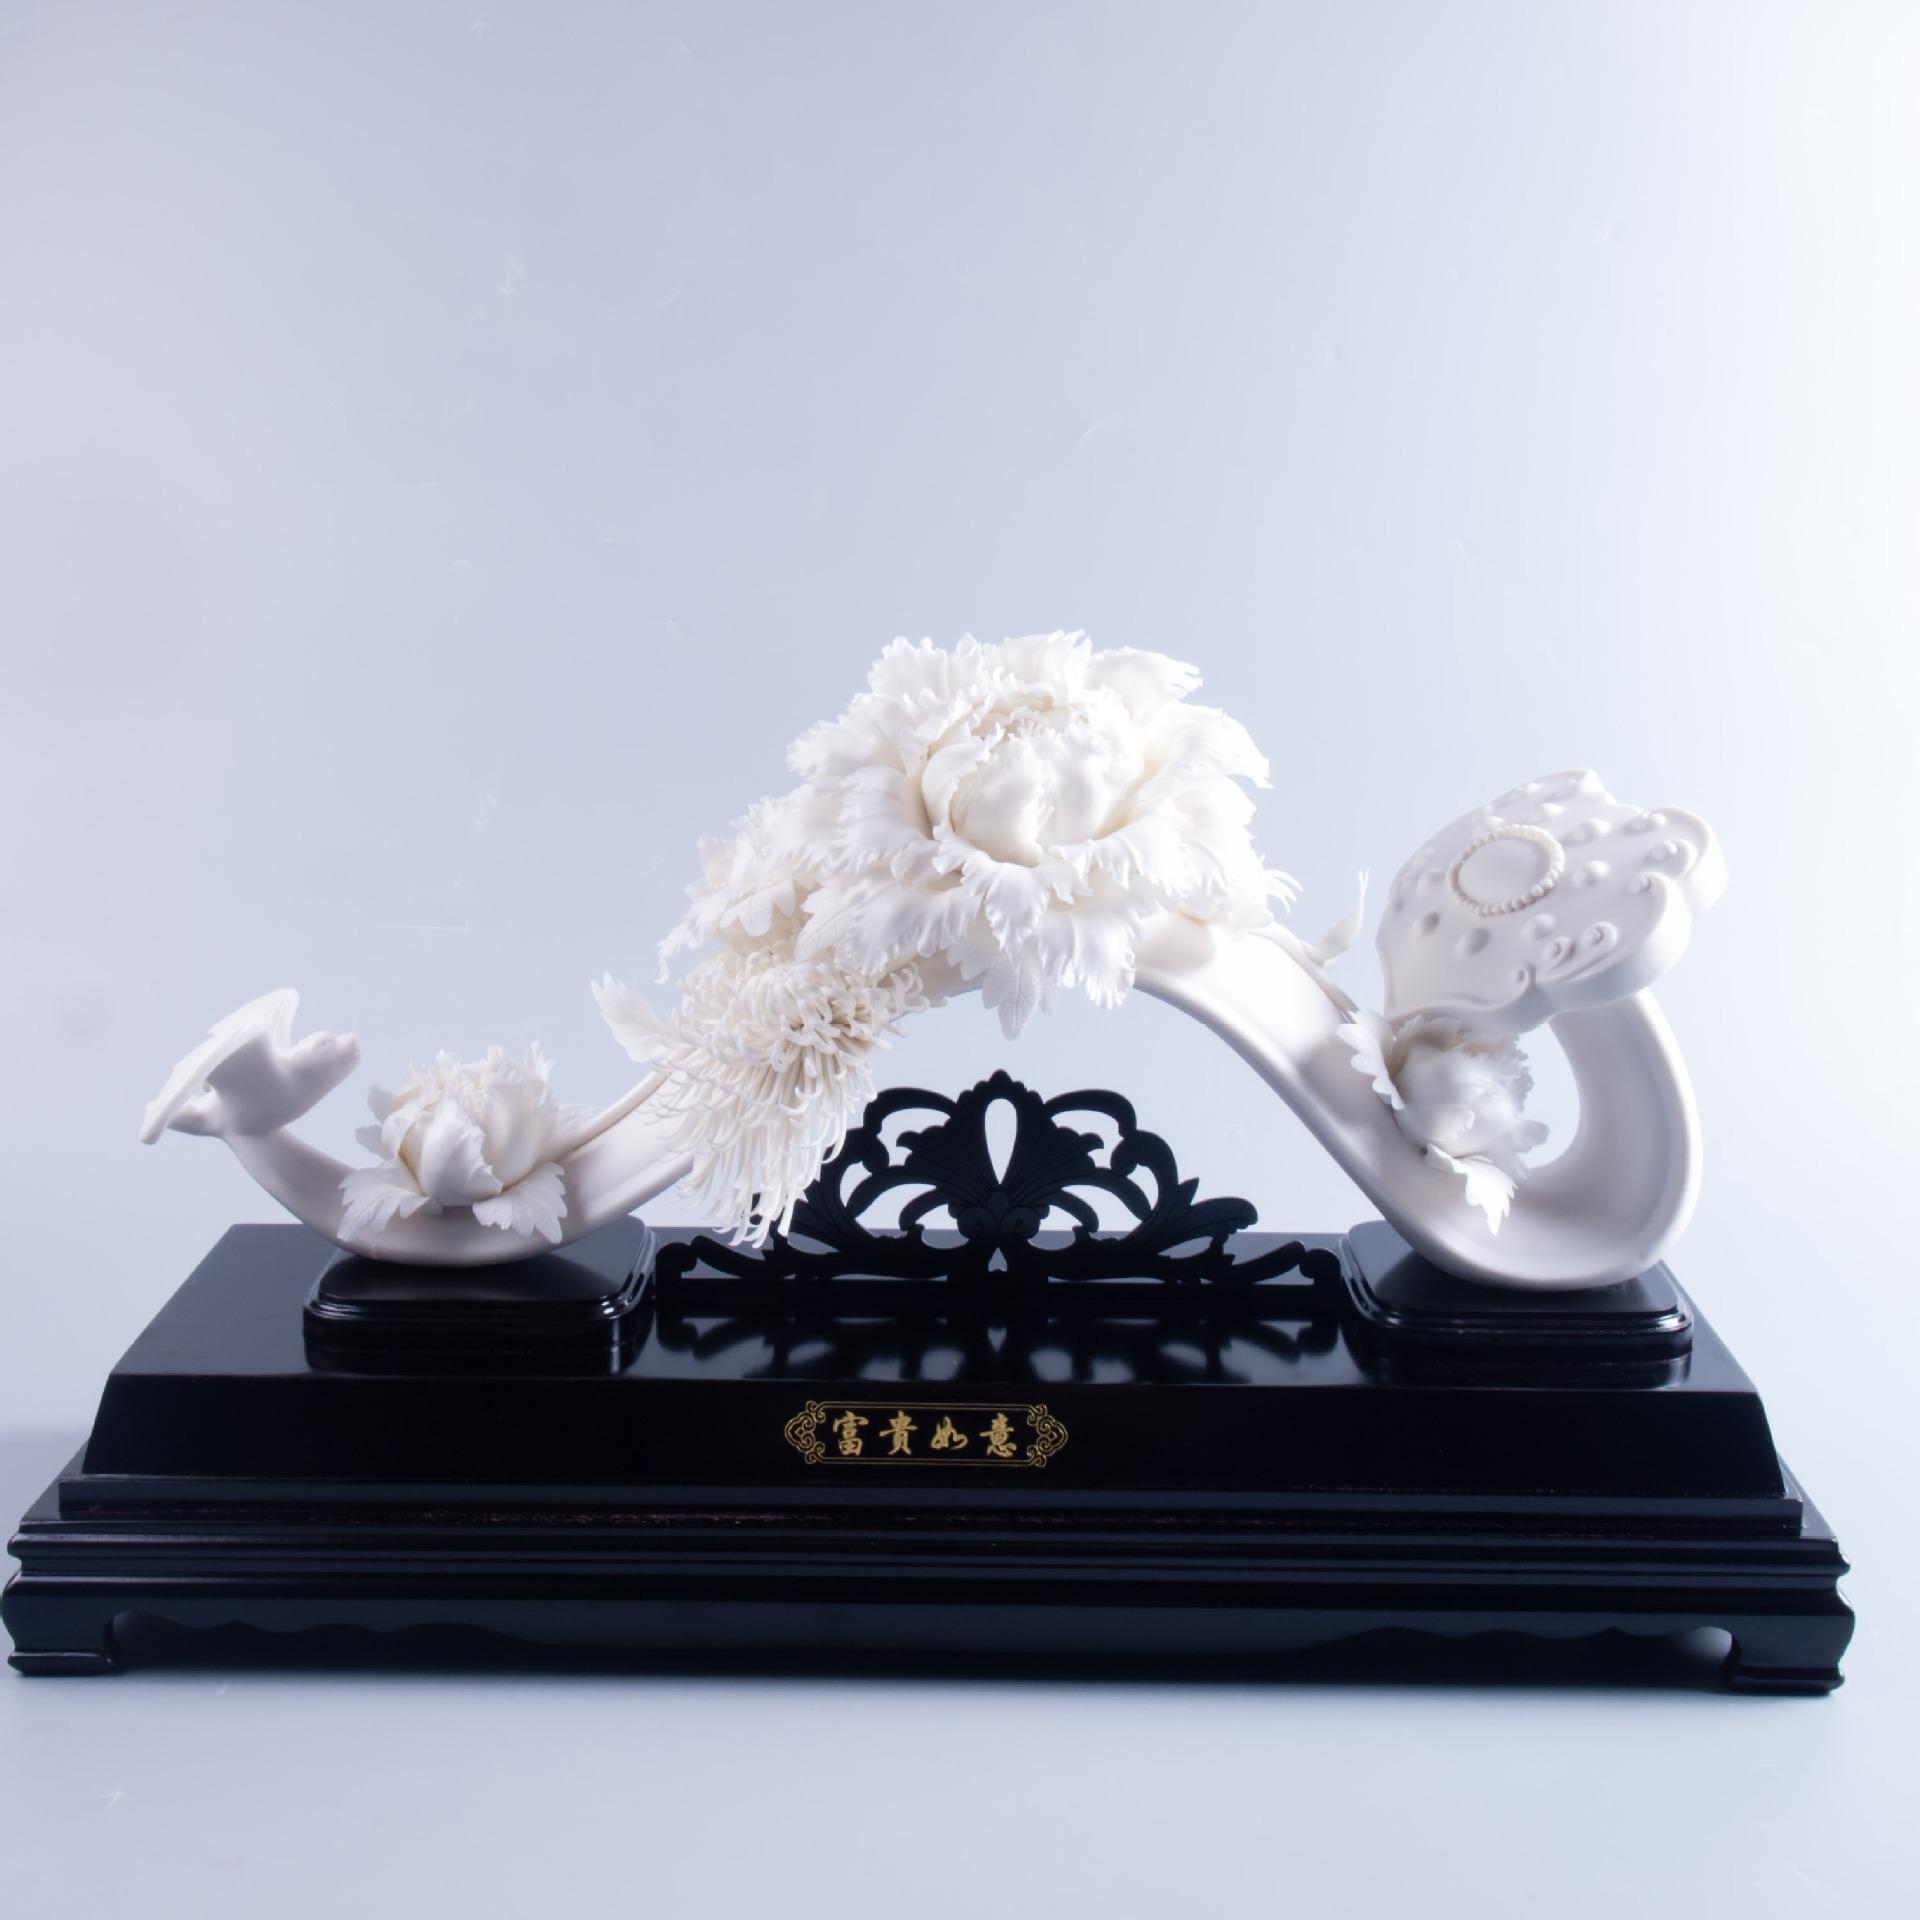 现代创意瓷器工艺品摆件 高档商务礼品中式特色瓷雕富贵如意白色